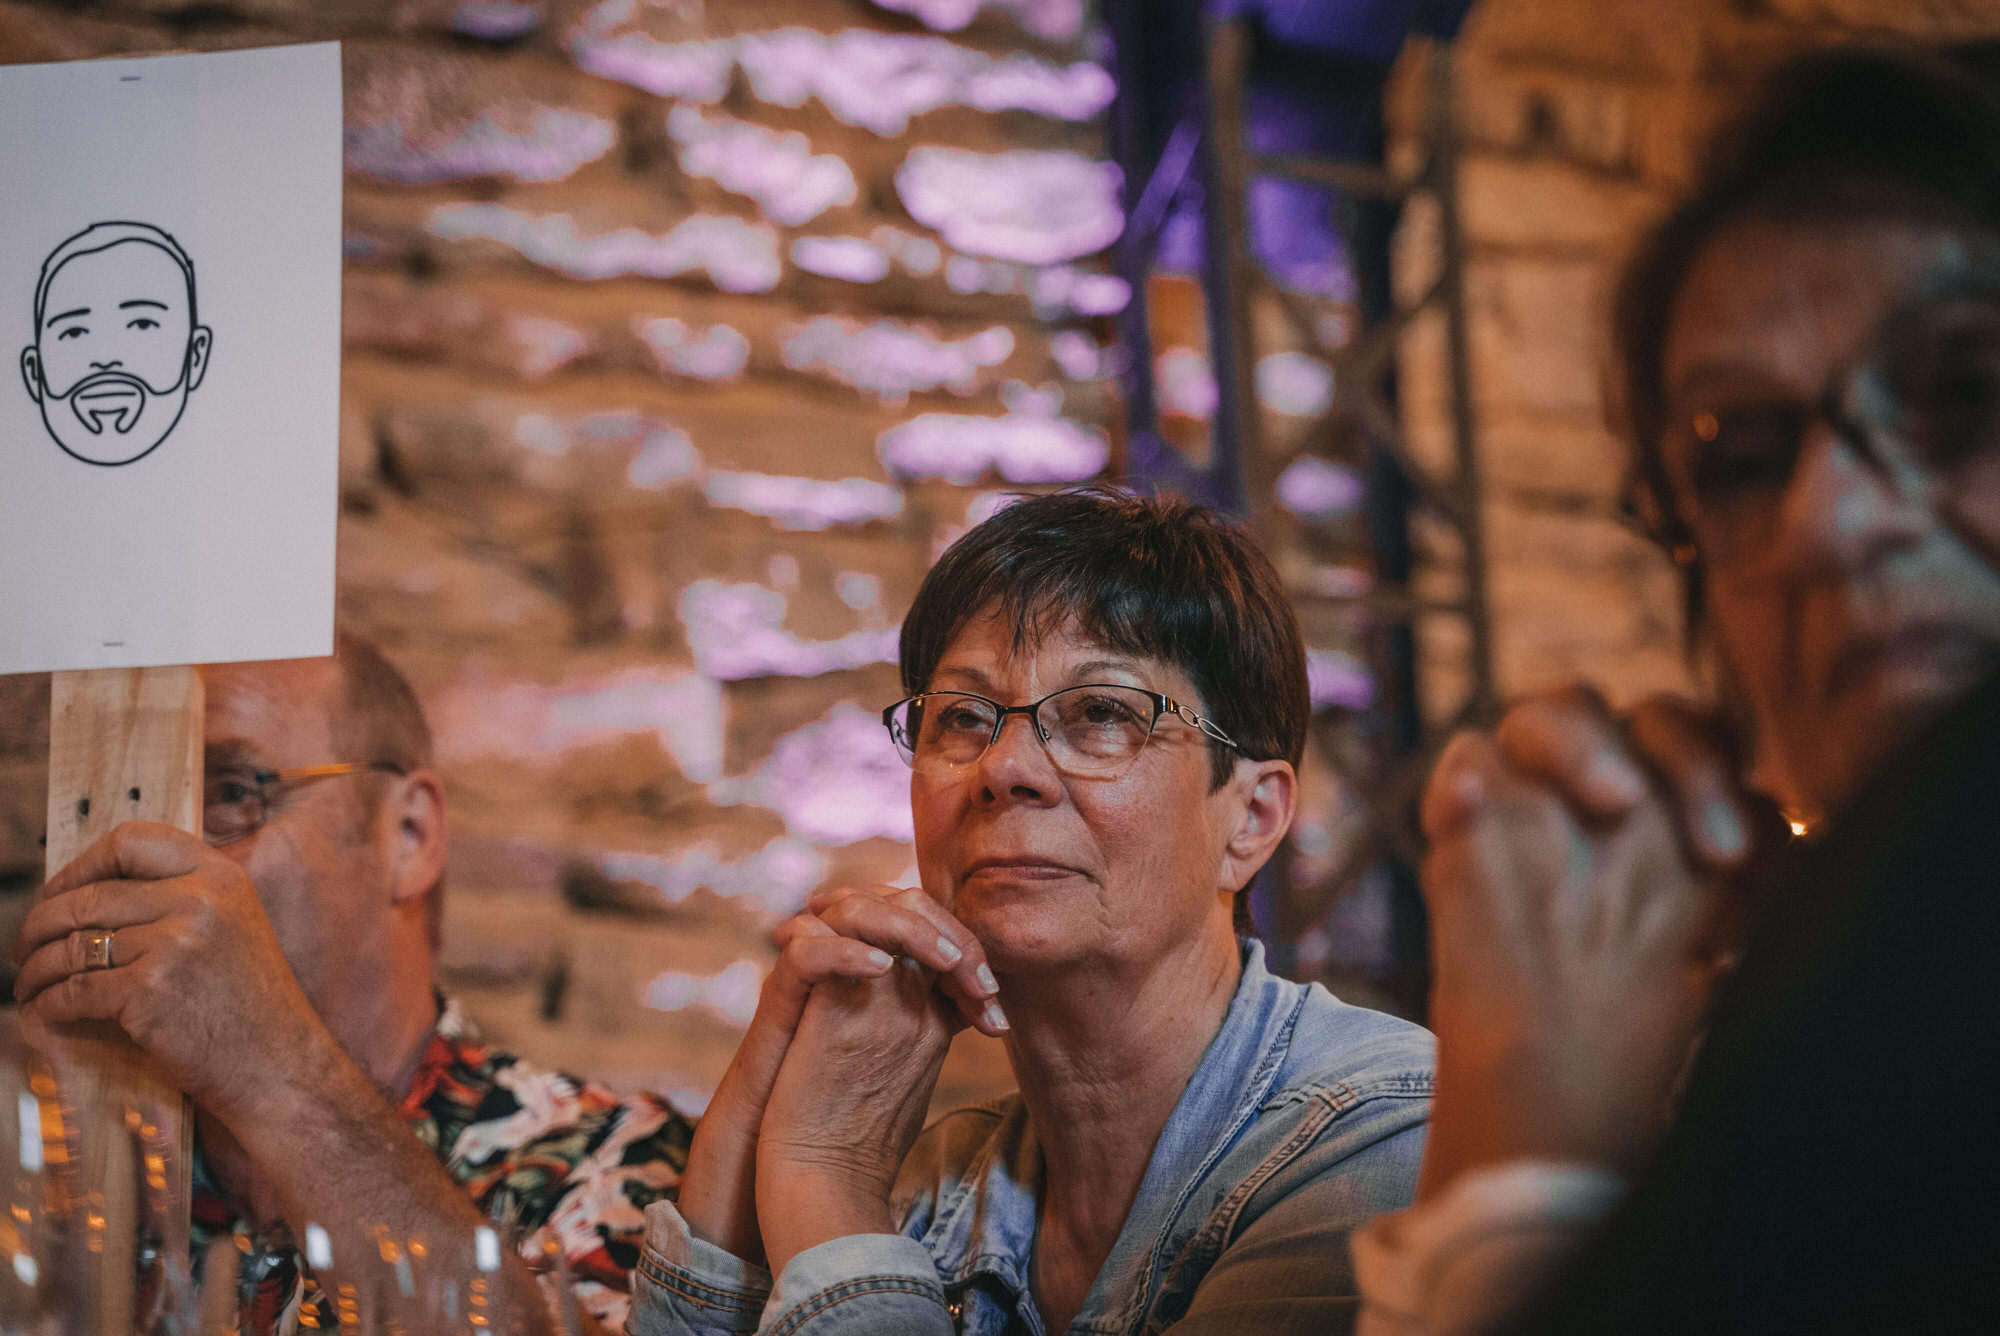 2021.07.10 Photo De Mariage D Alicia Francois A La Ferme Roudouic A Concarneau En Bretagne Par Antoine Borzeix 1003, Photographe & Videaste à Brest / Finistère